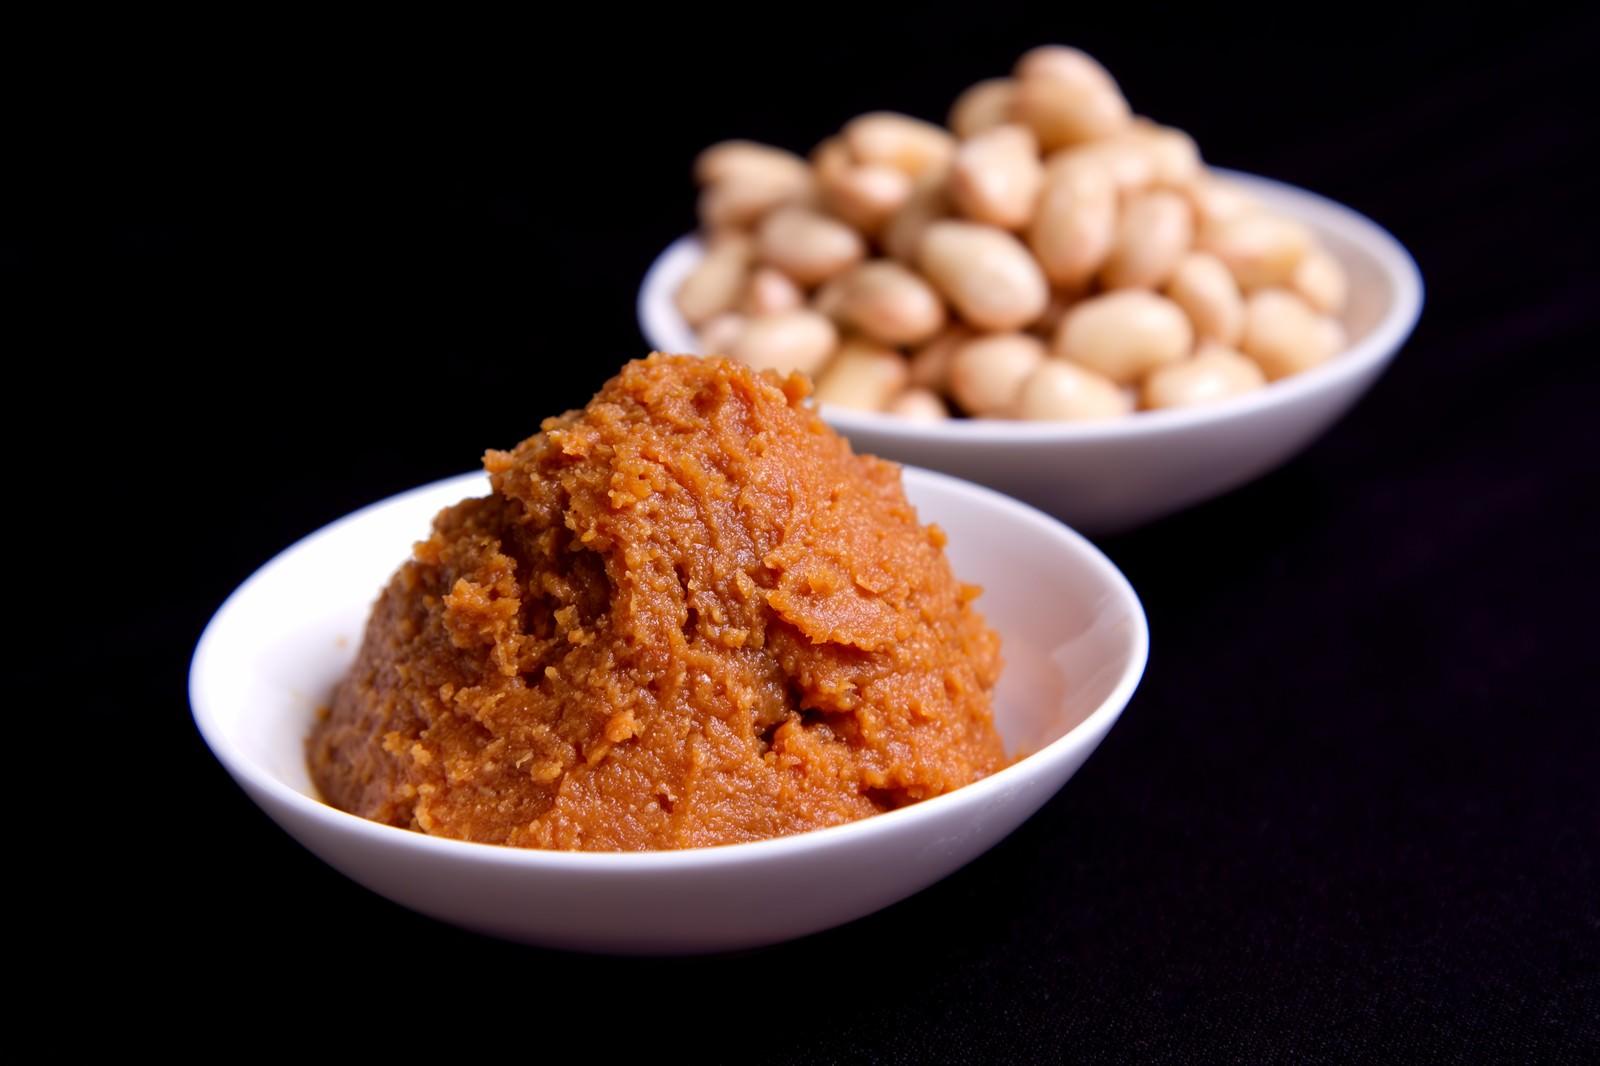 「盛られた味噌と大豆盛られた味噌と大豆」のフリー写真素材を拡大